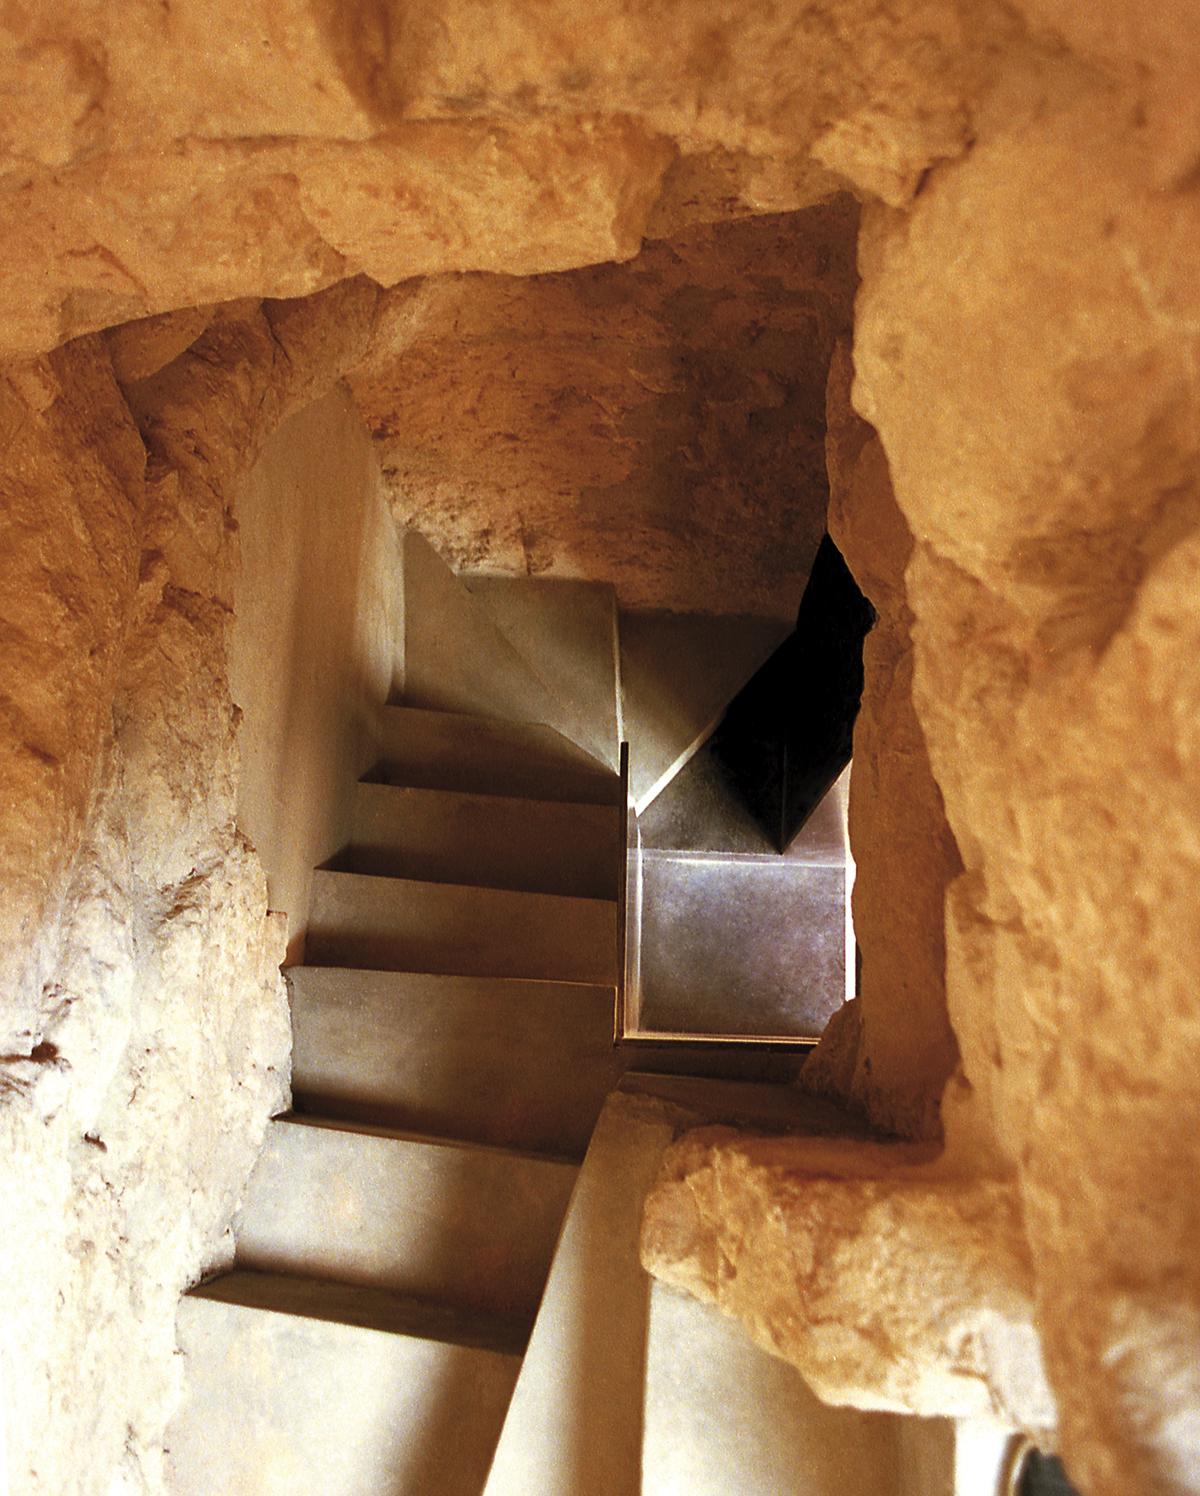 Restauración del Monasterio de Santa María de Huerta. Ministerio de cultura | Imagen de proyecto6